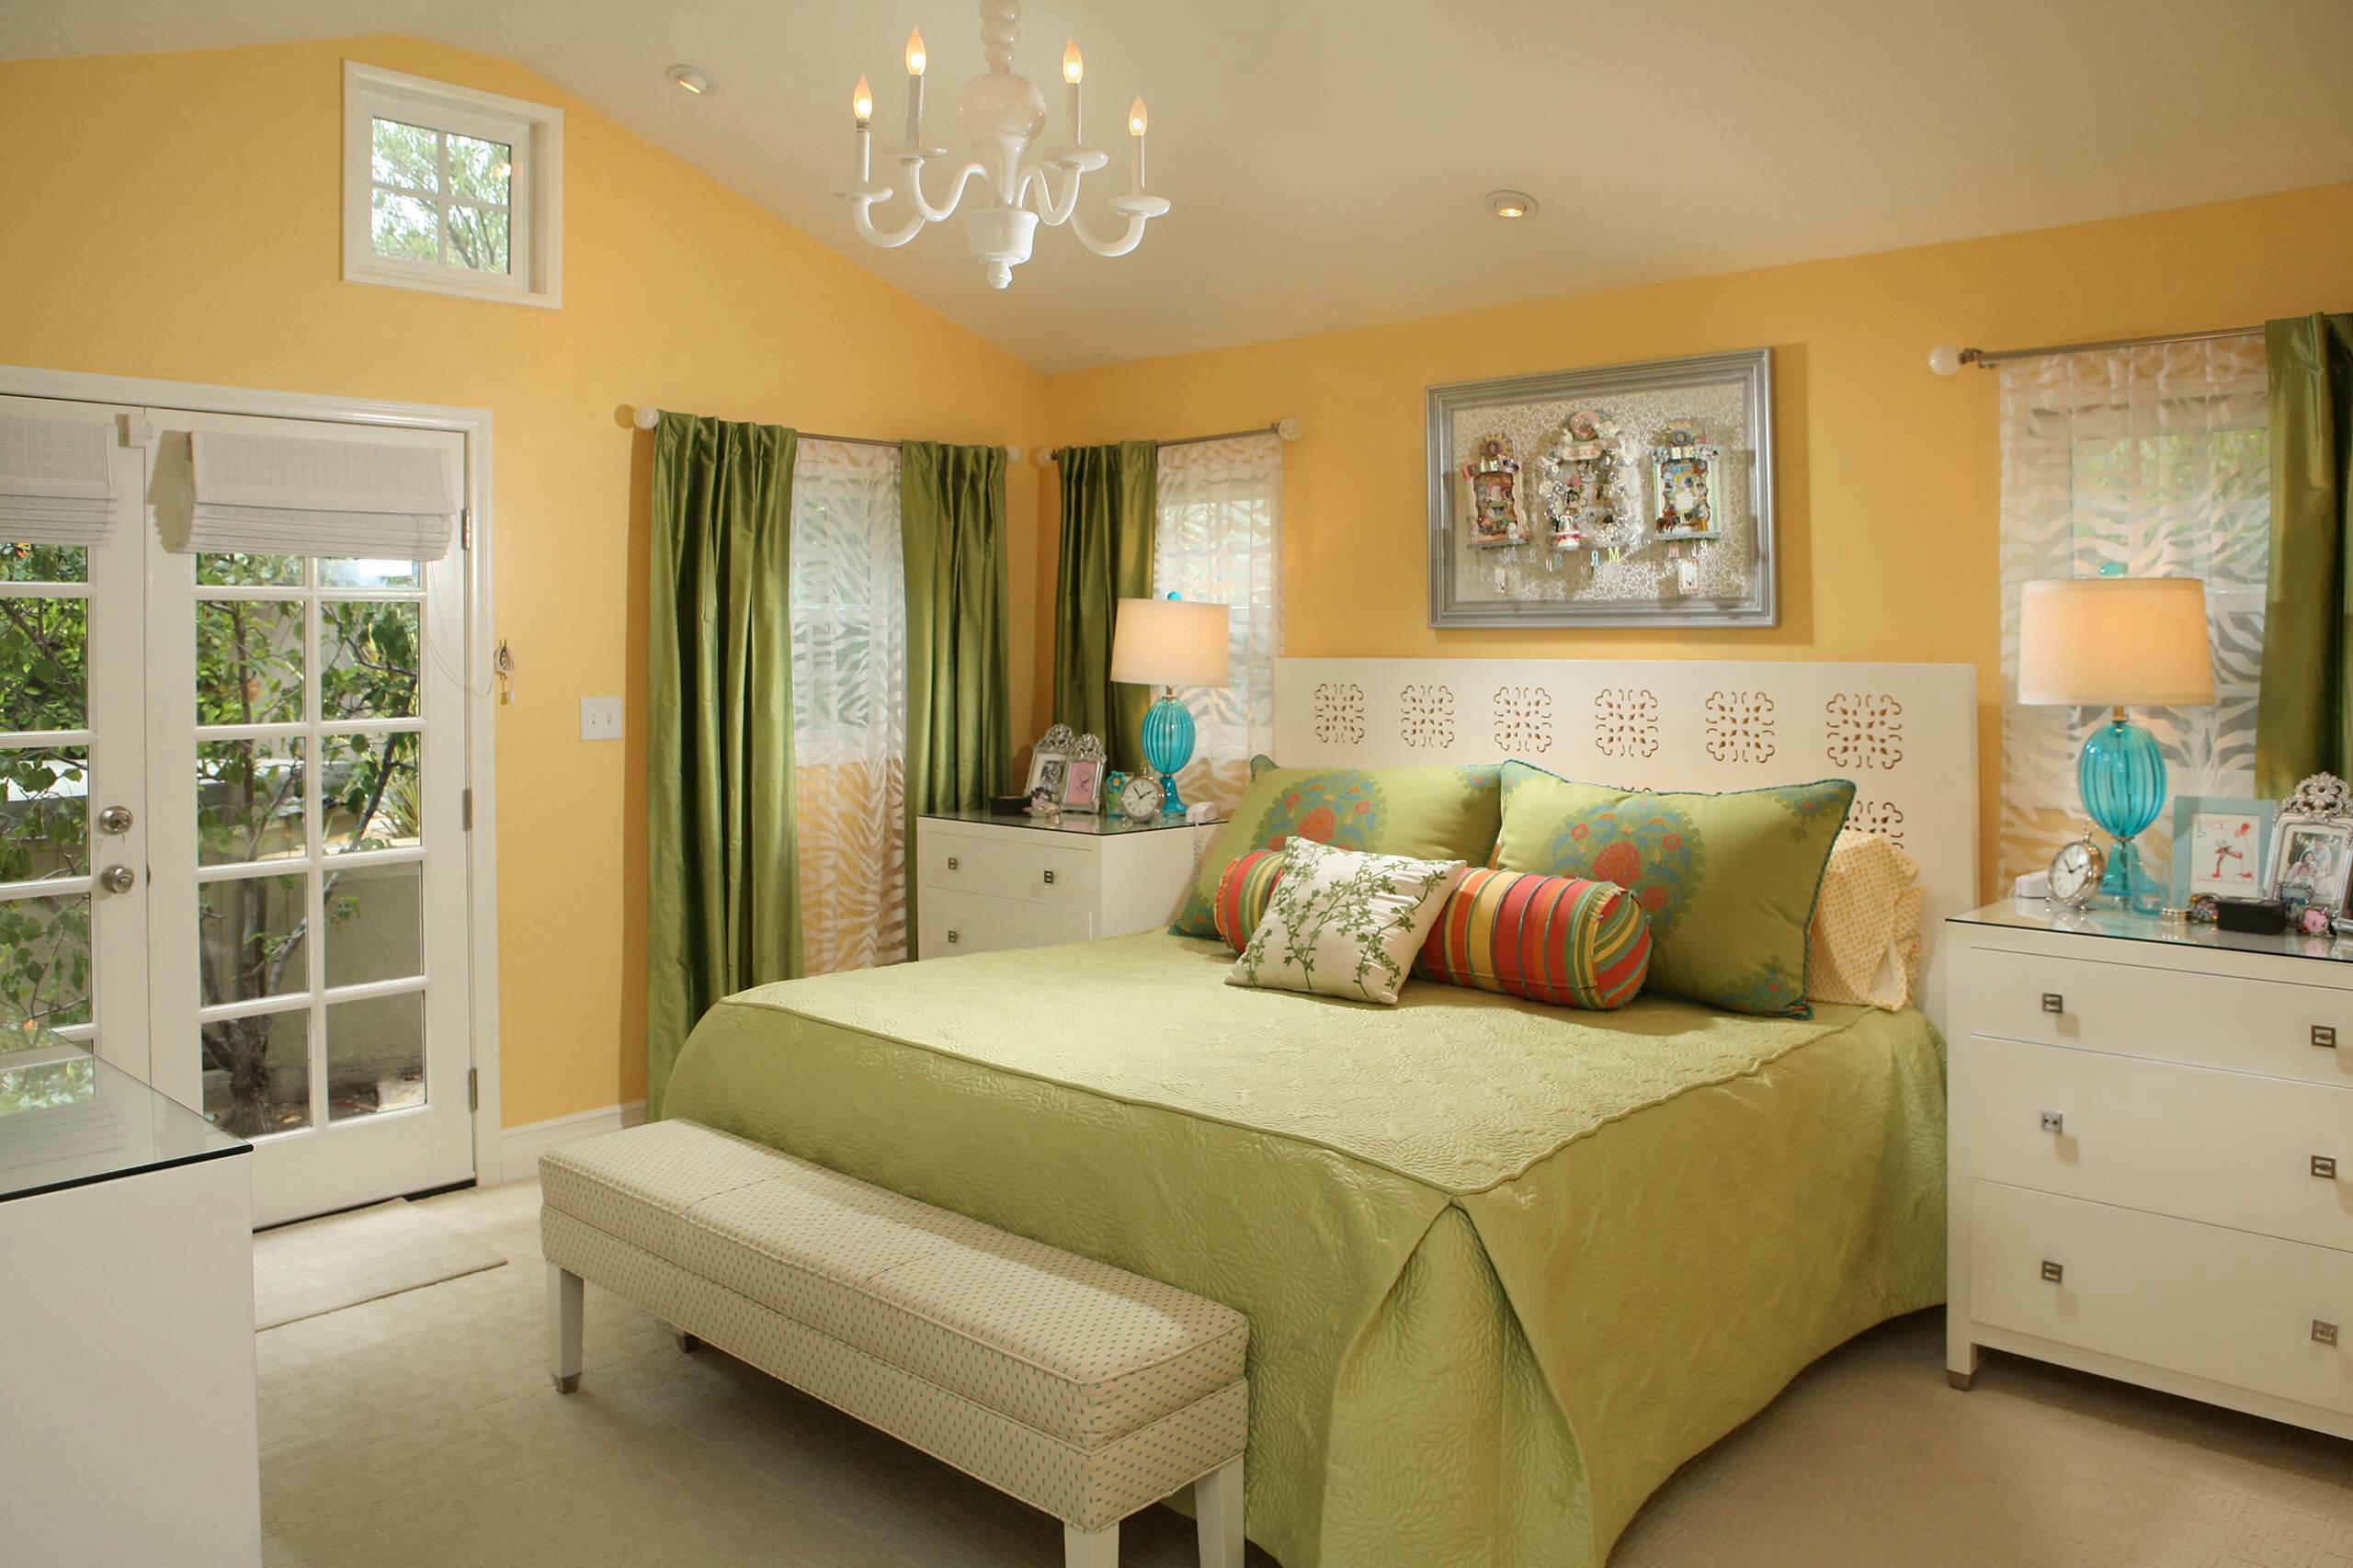 Bật mí những cách đơn giản để làm cho phòng ngủ rộng rãi hơn - Ảnh 2.